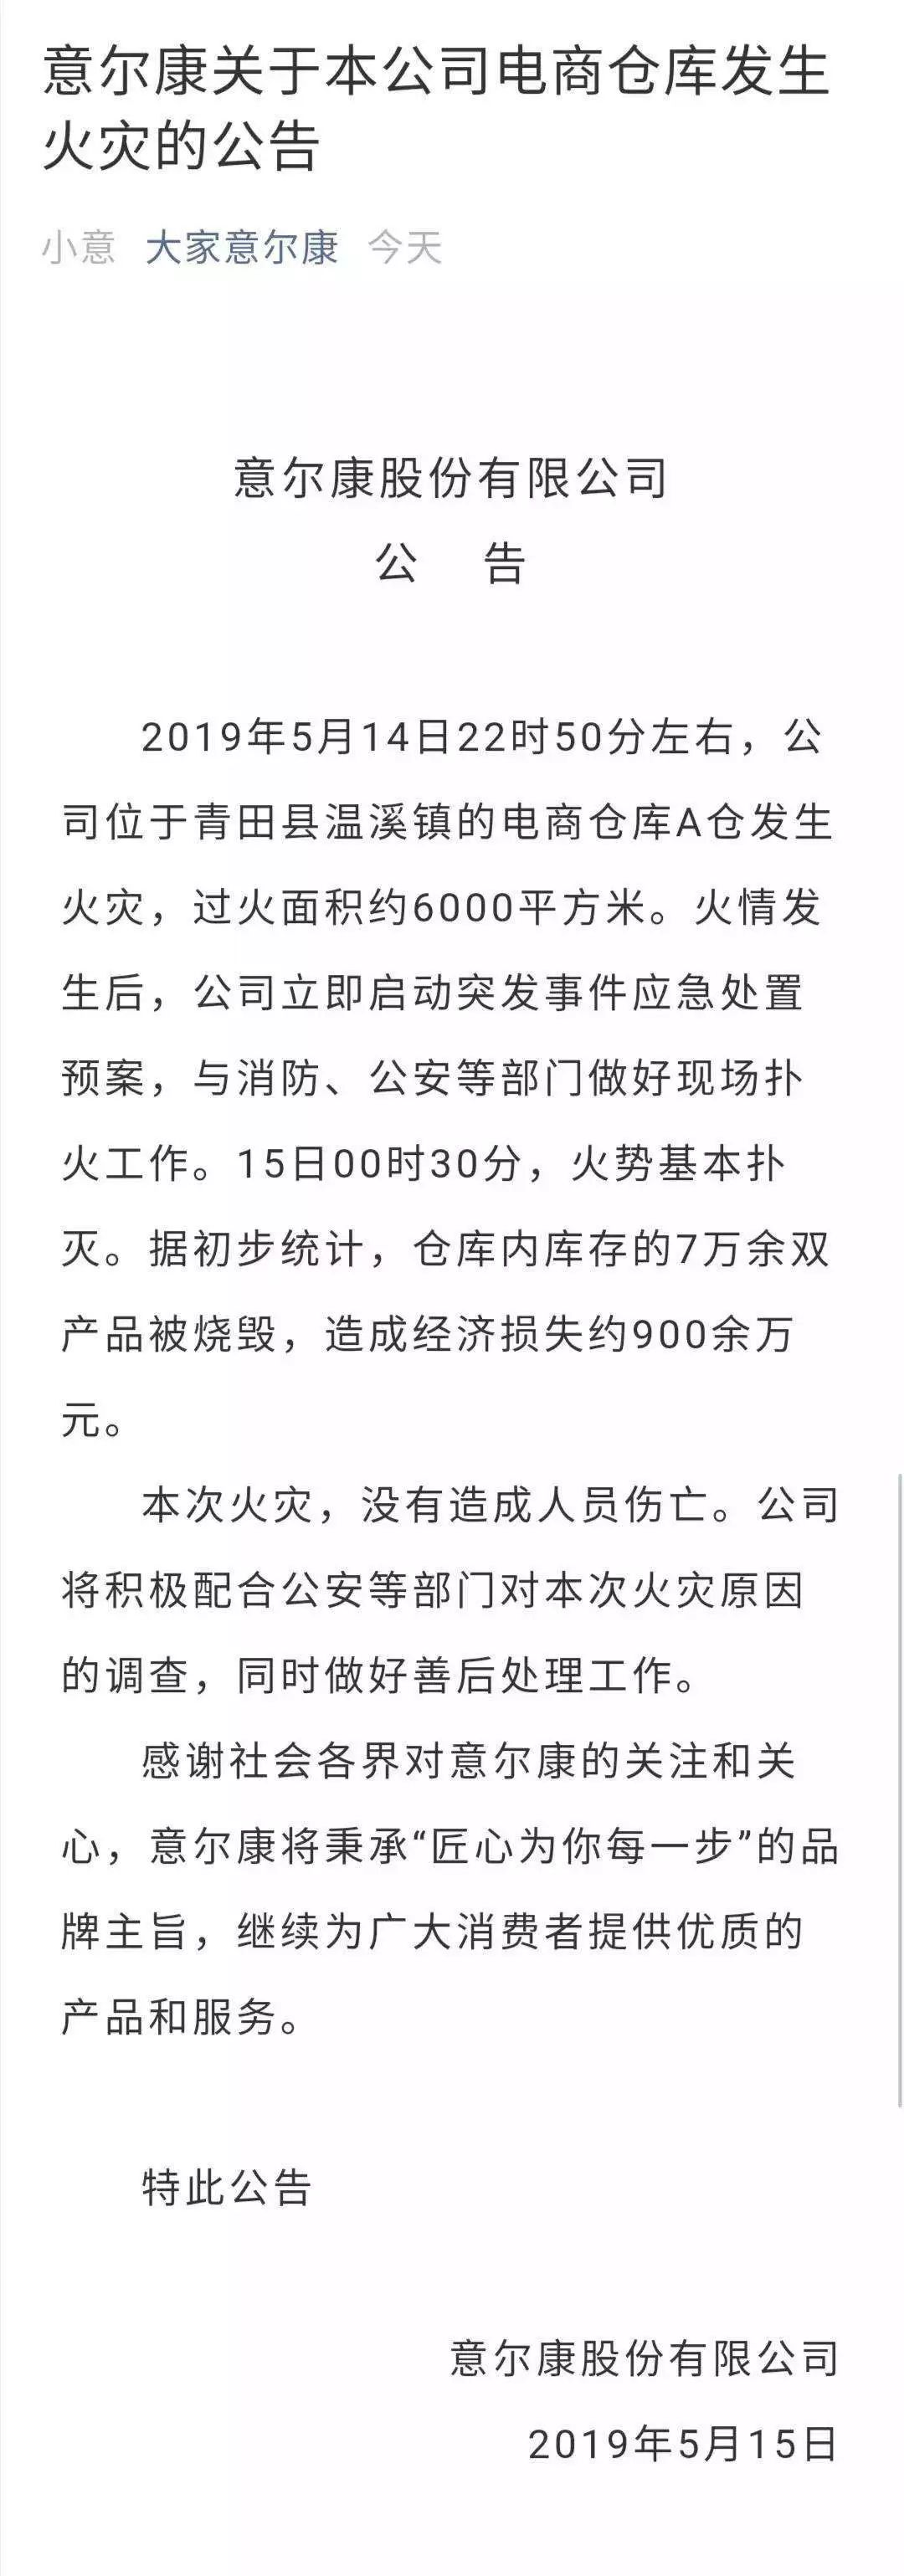 昨夜一把火,烧了意尔康900多万_德胜门中医院